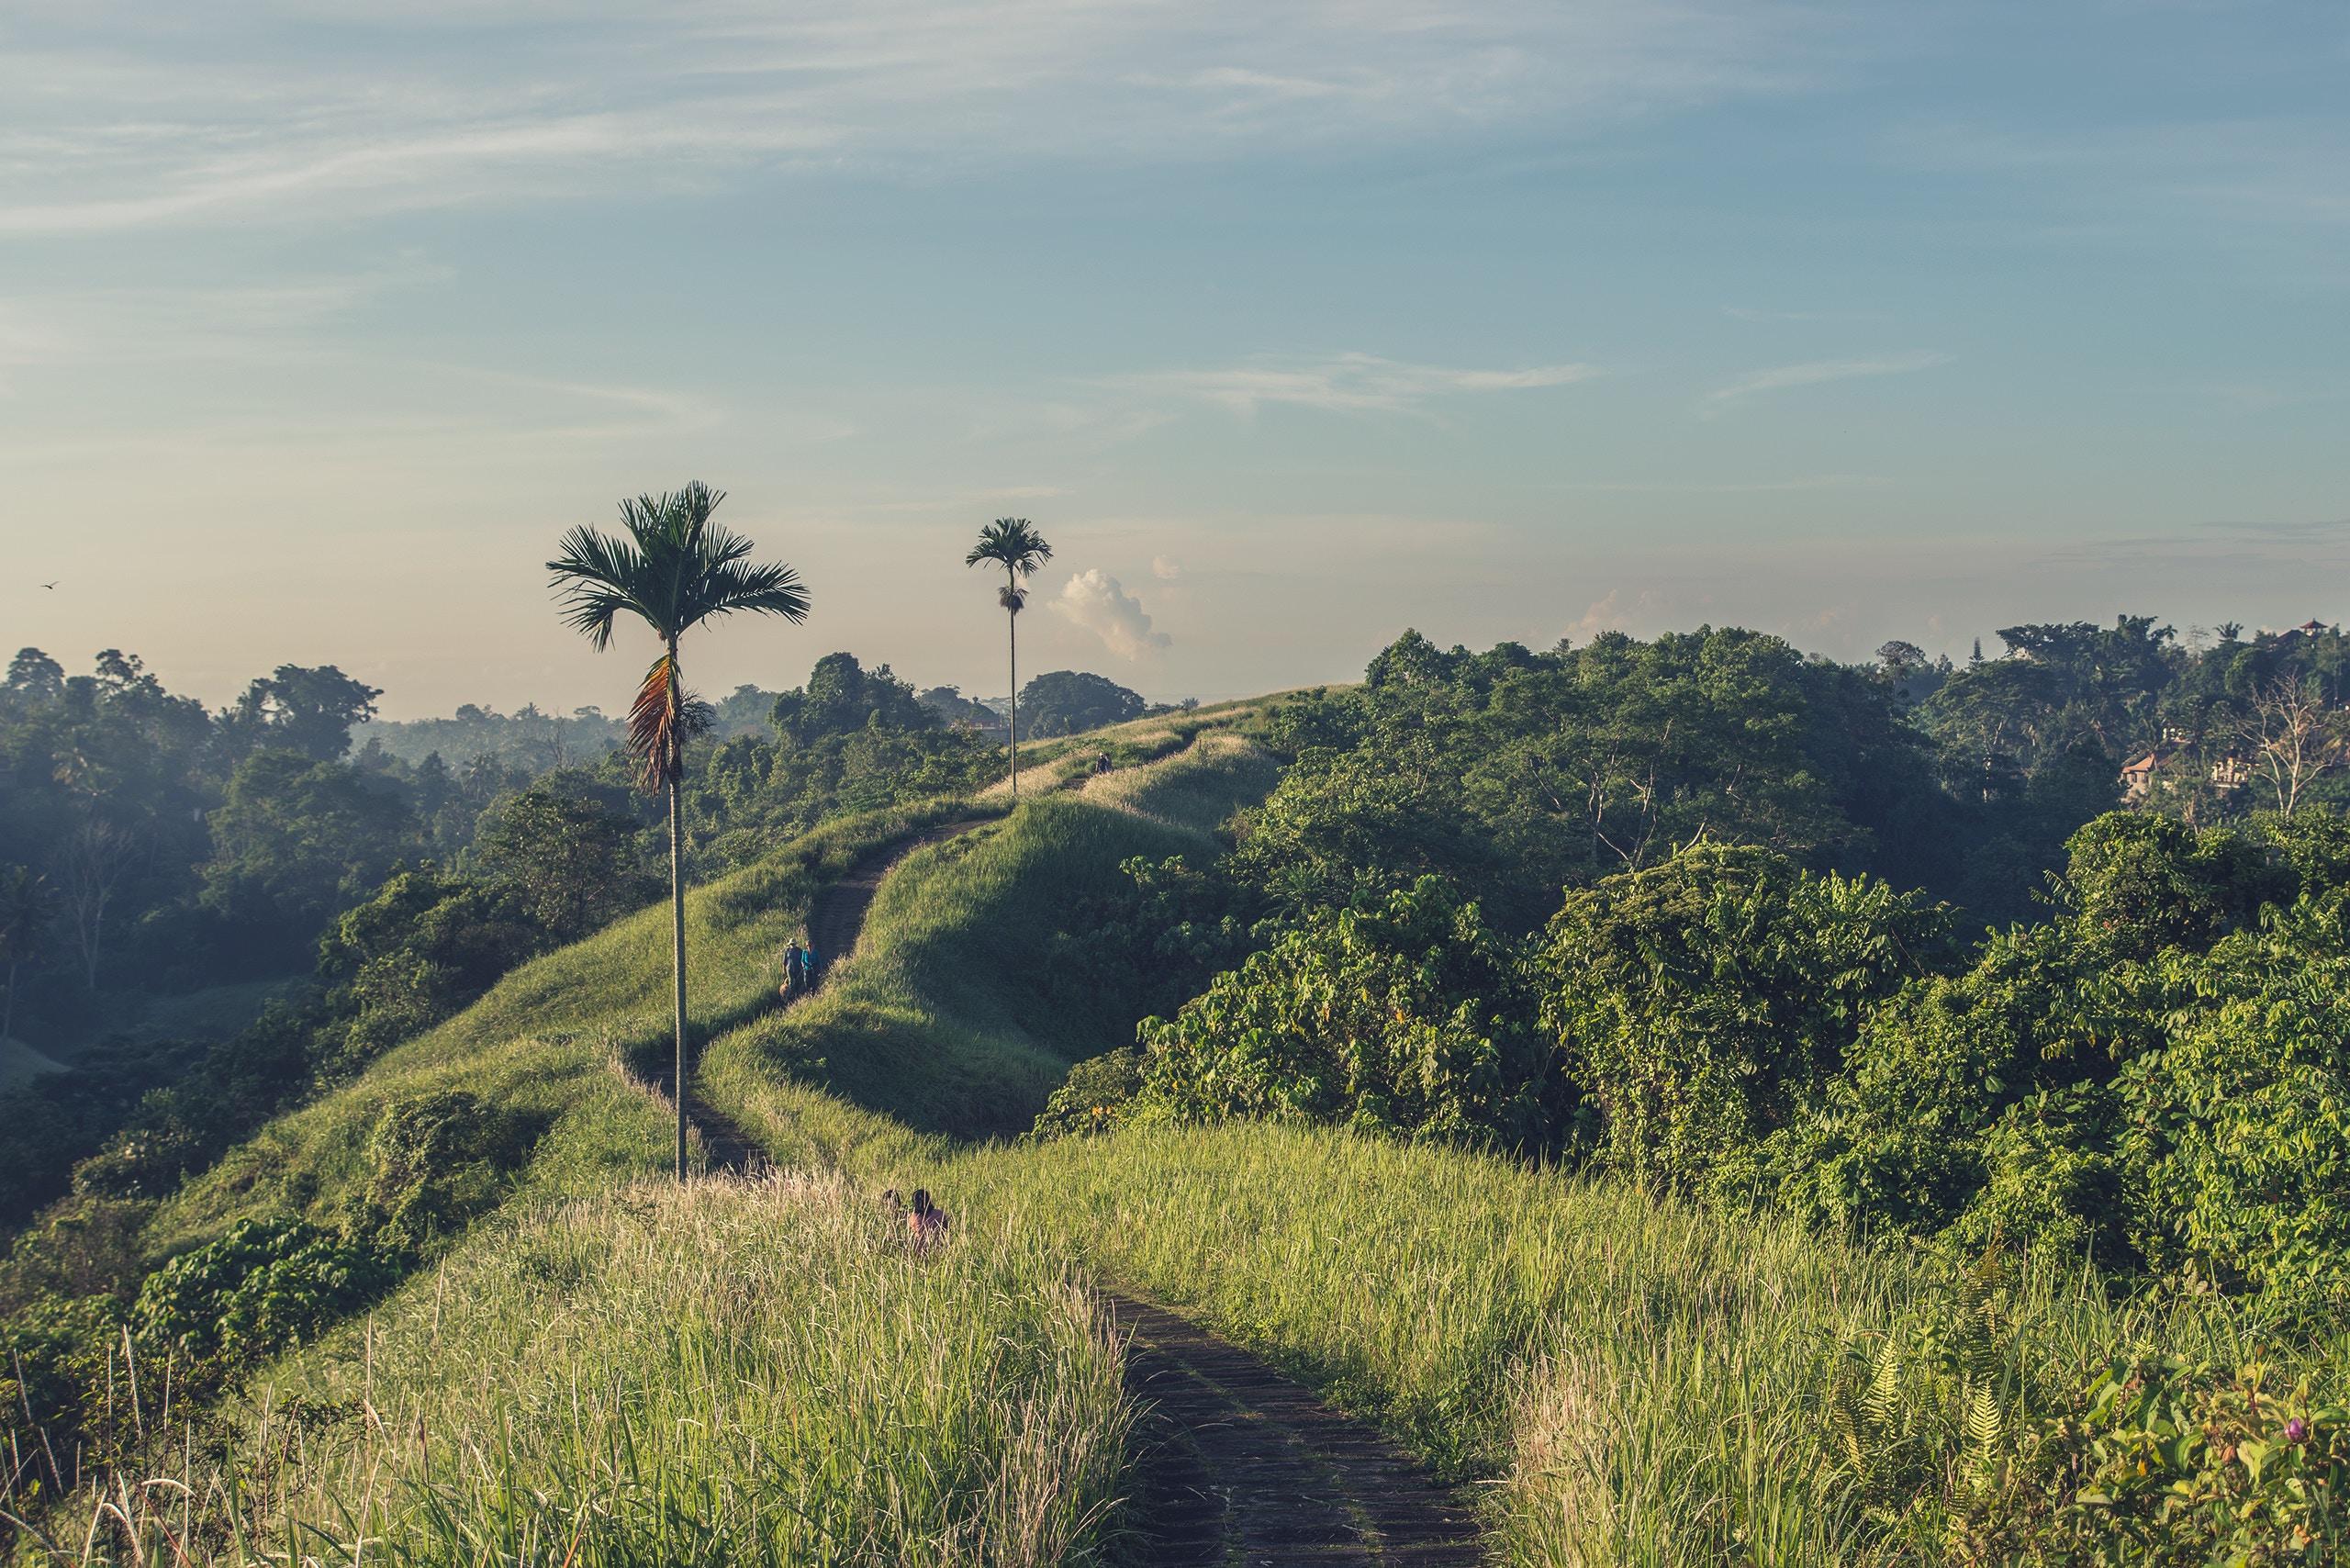 Indonésie : Bali / Sumatra / Célèbes / Java